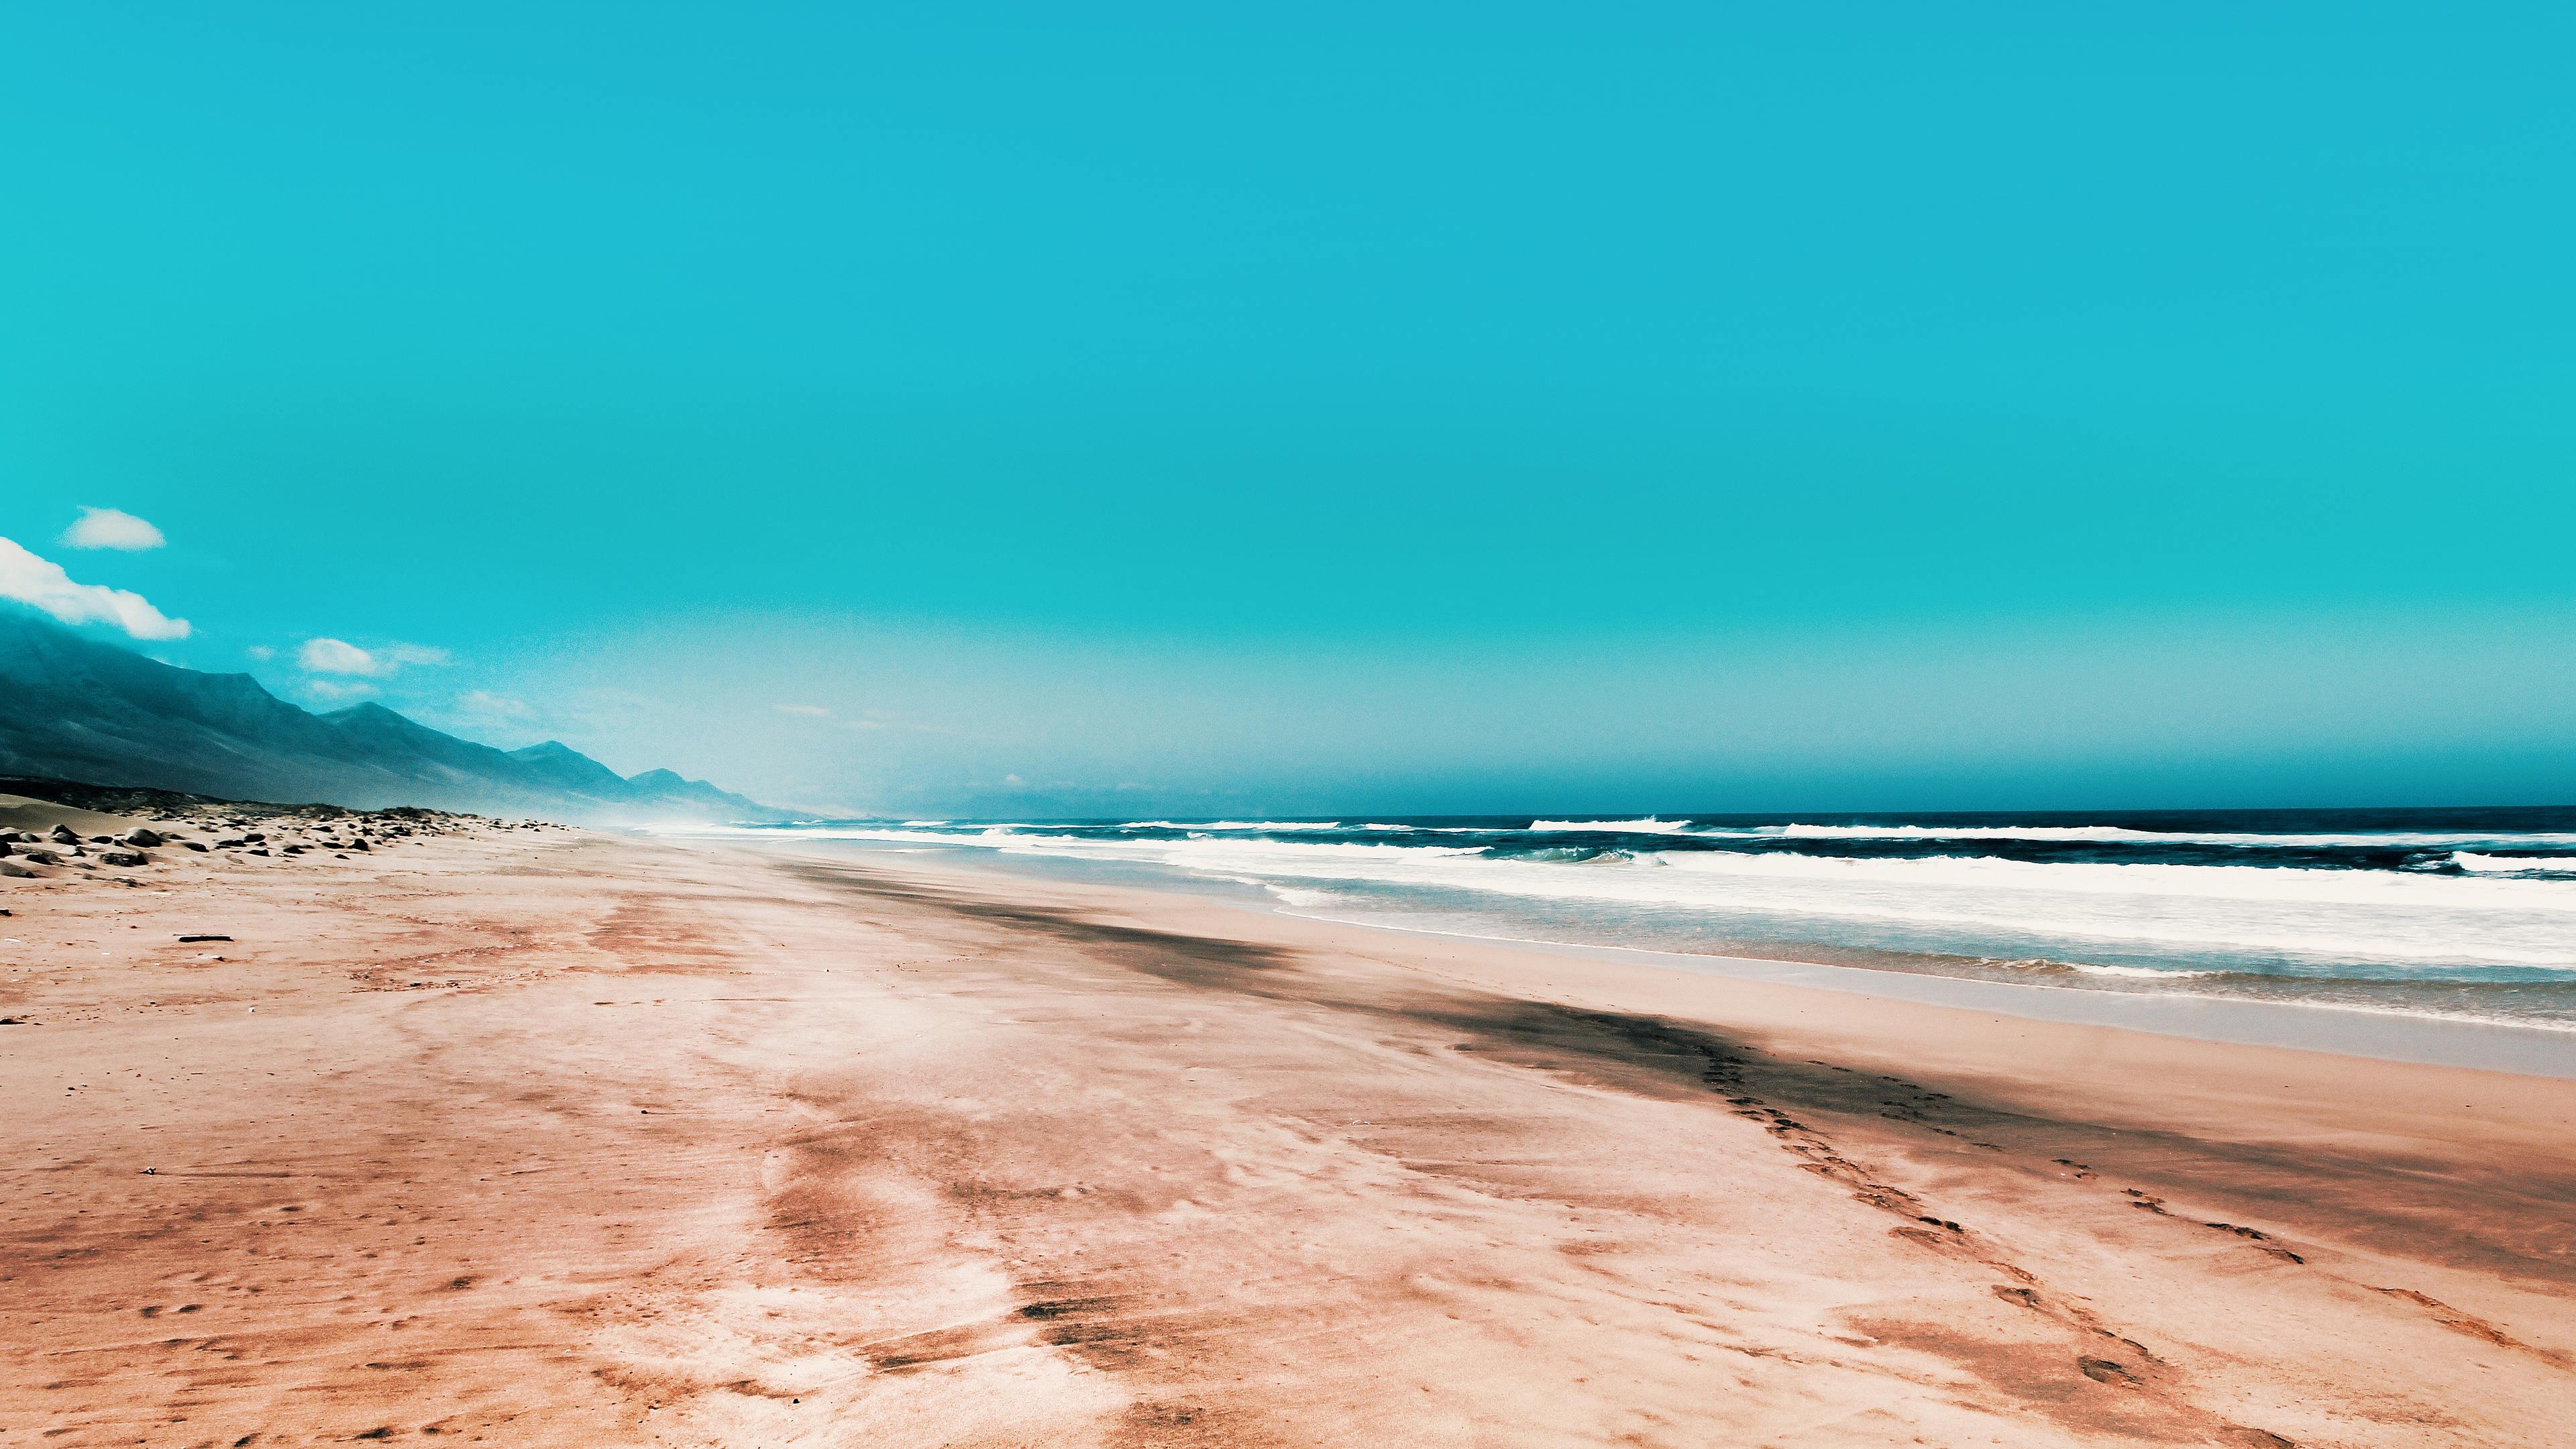 Seashore Under Clear Blue Sky 4k sky wallpapers, seashore ...